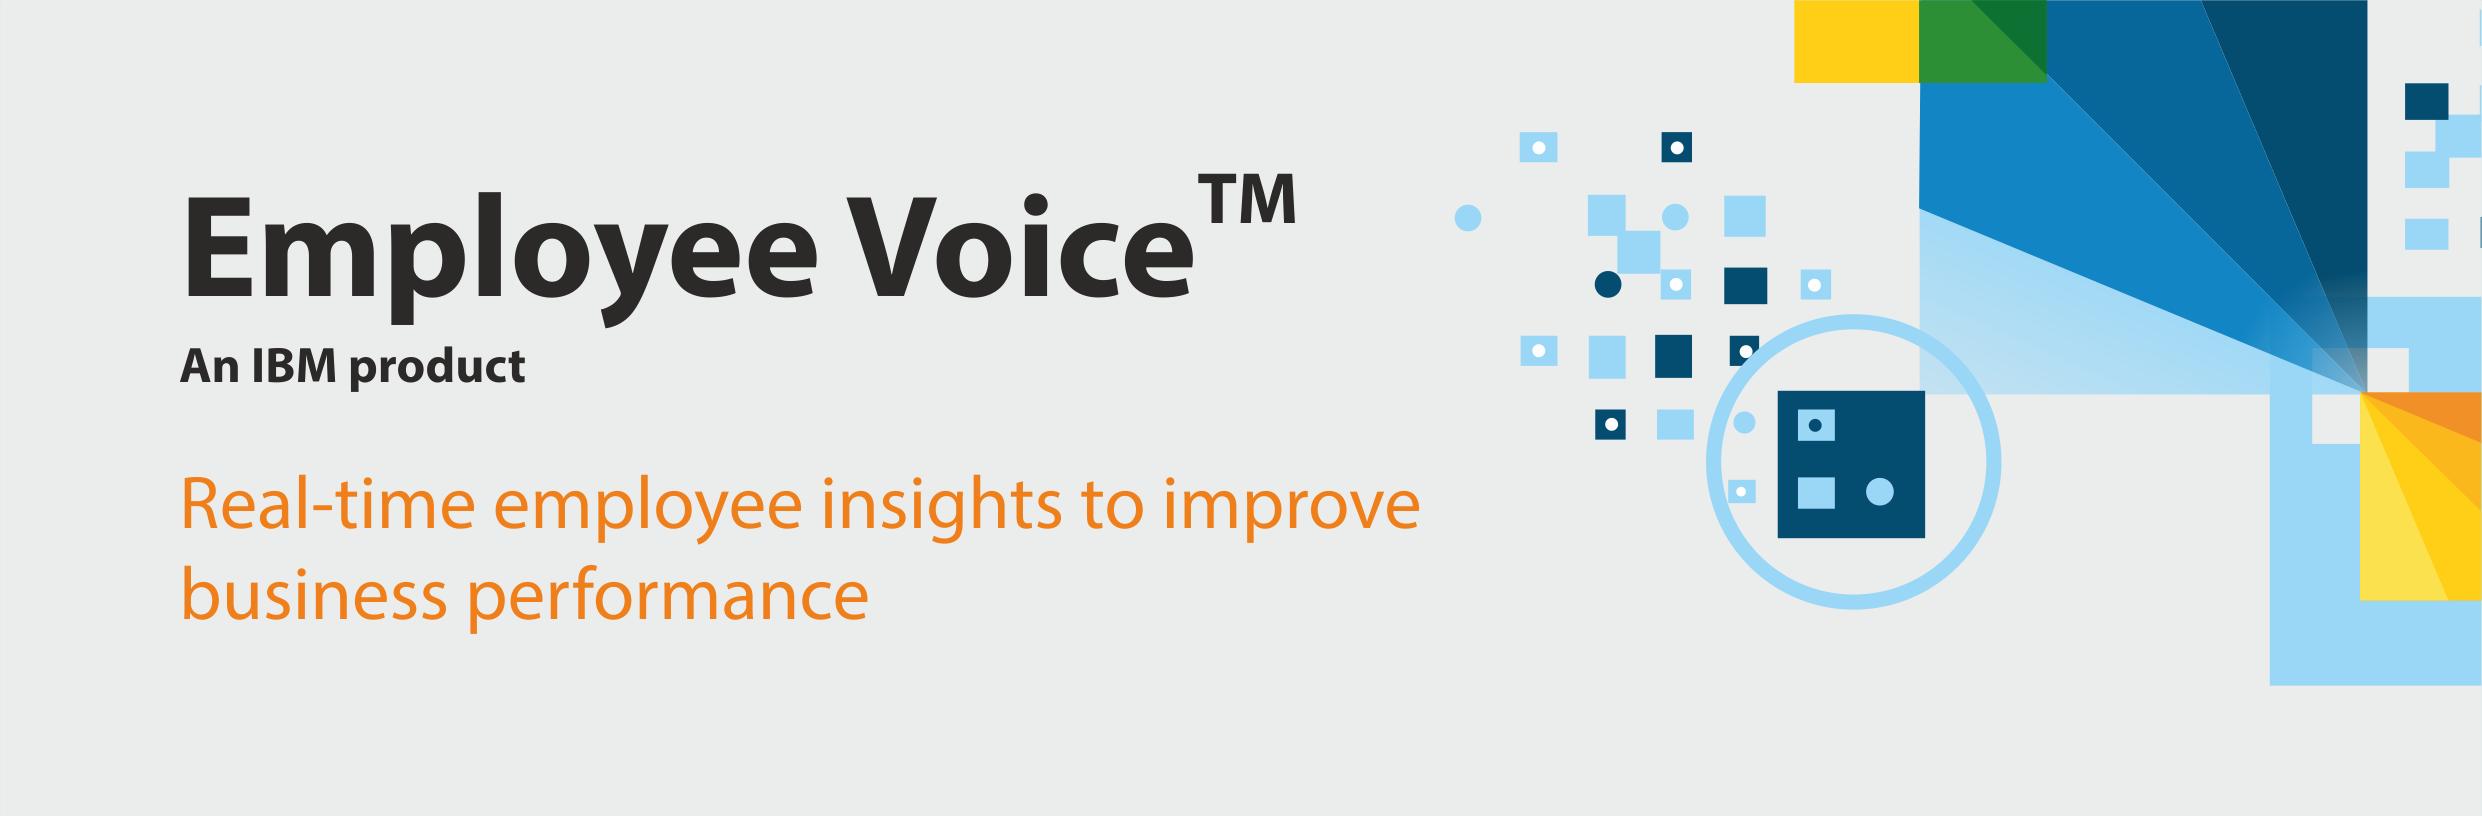 IBM employee voice